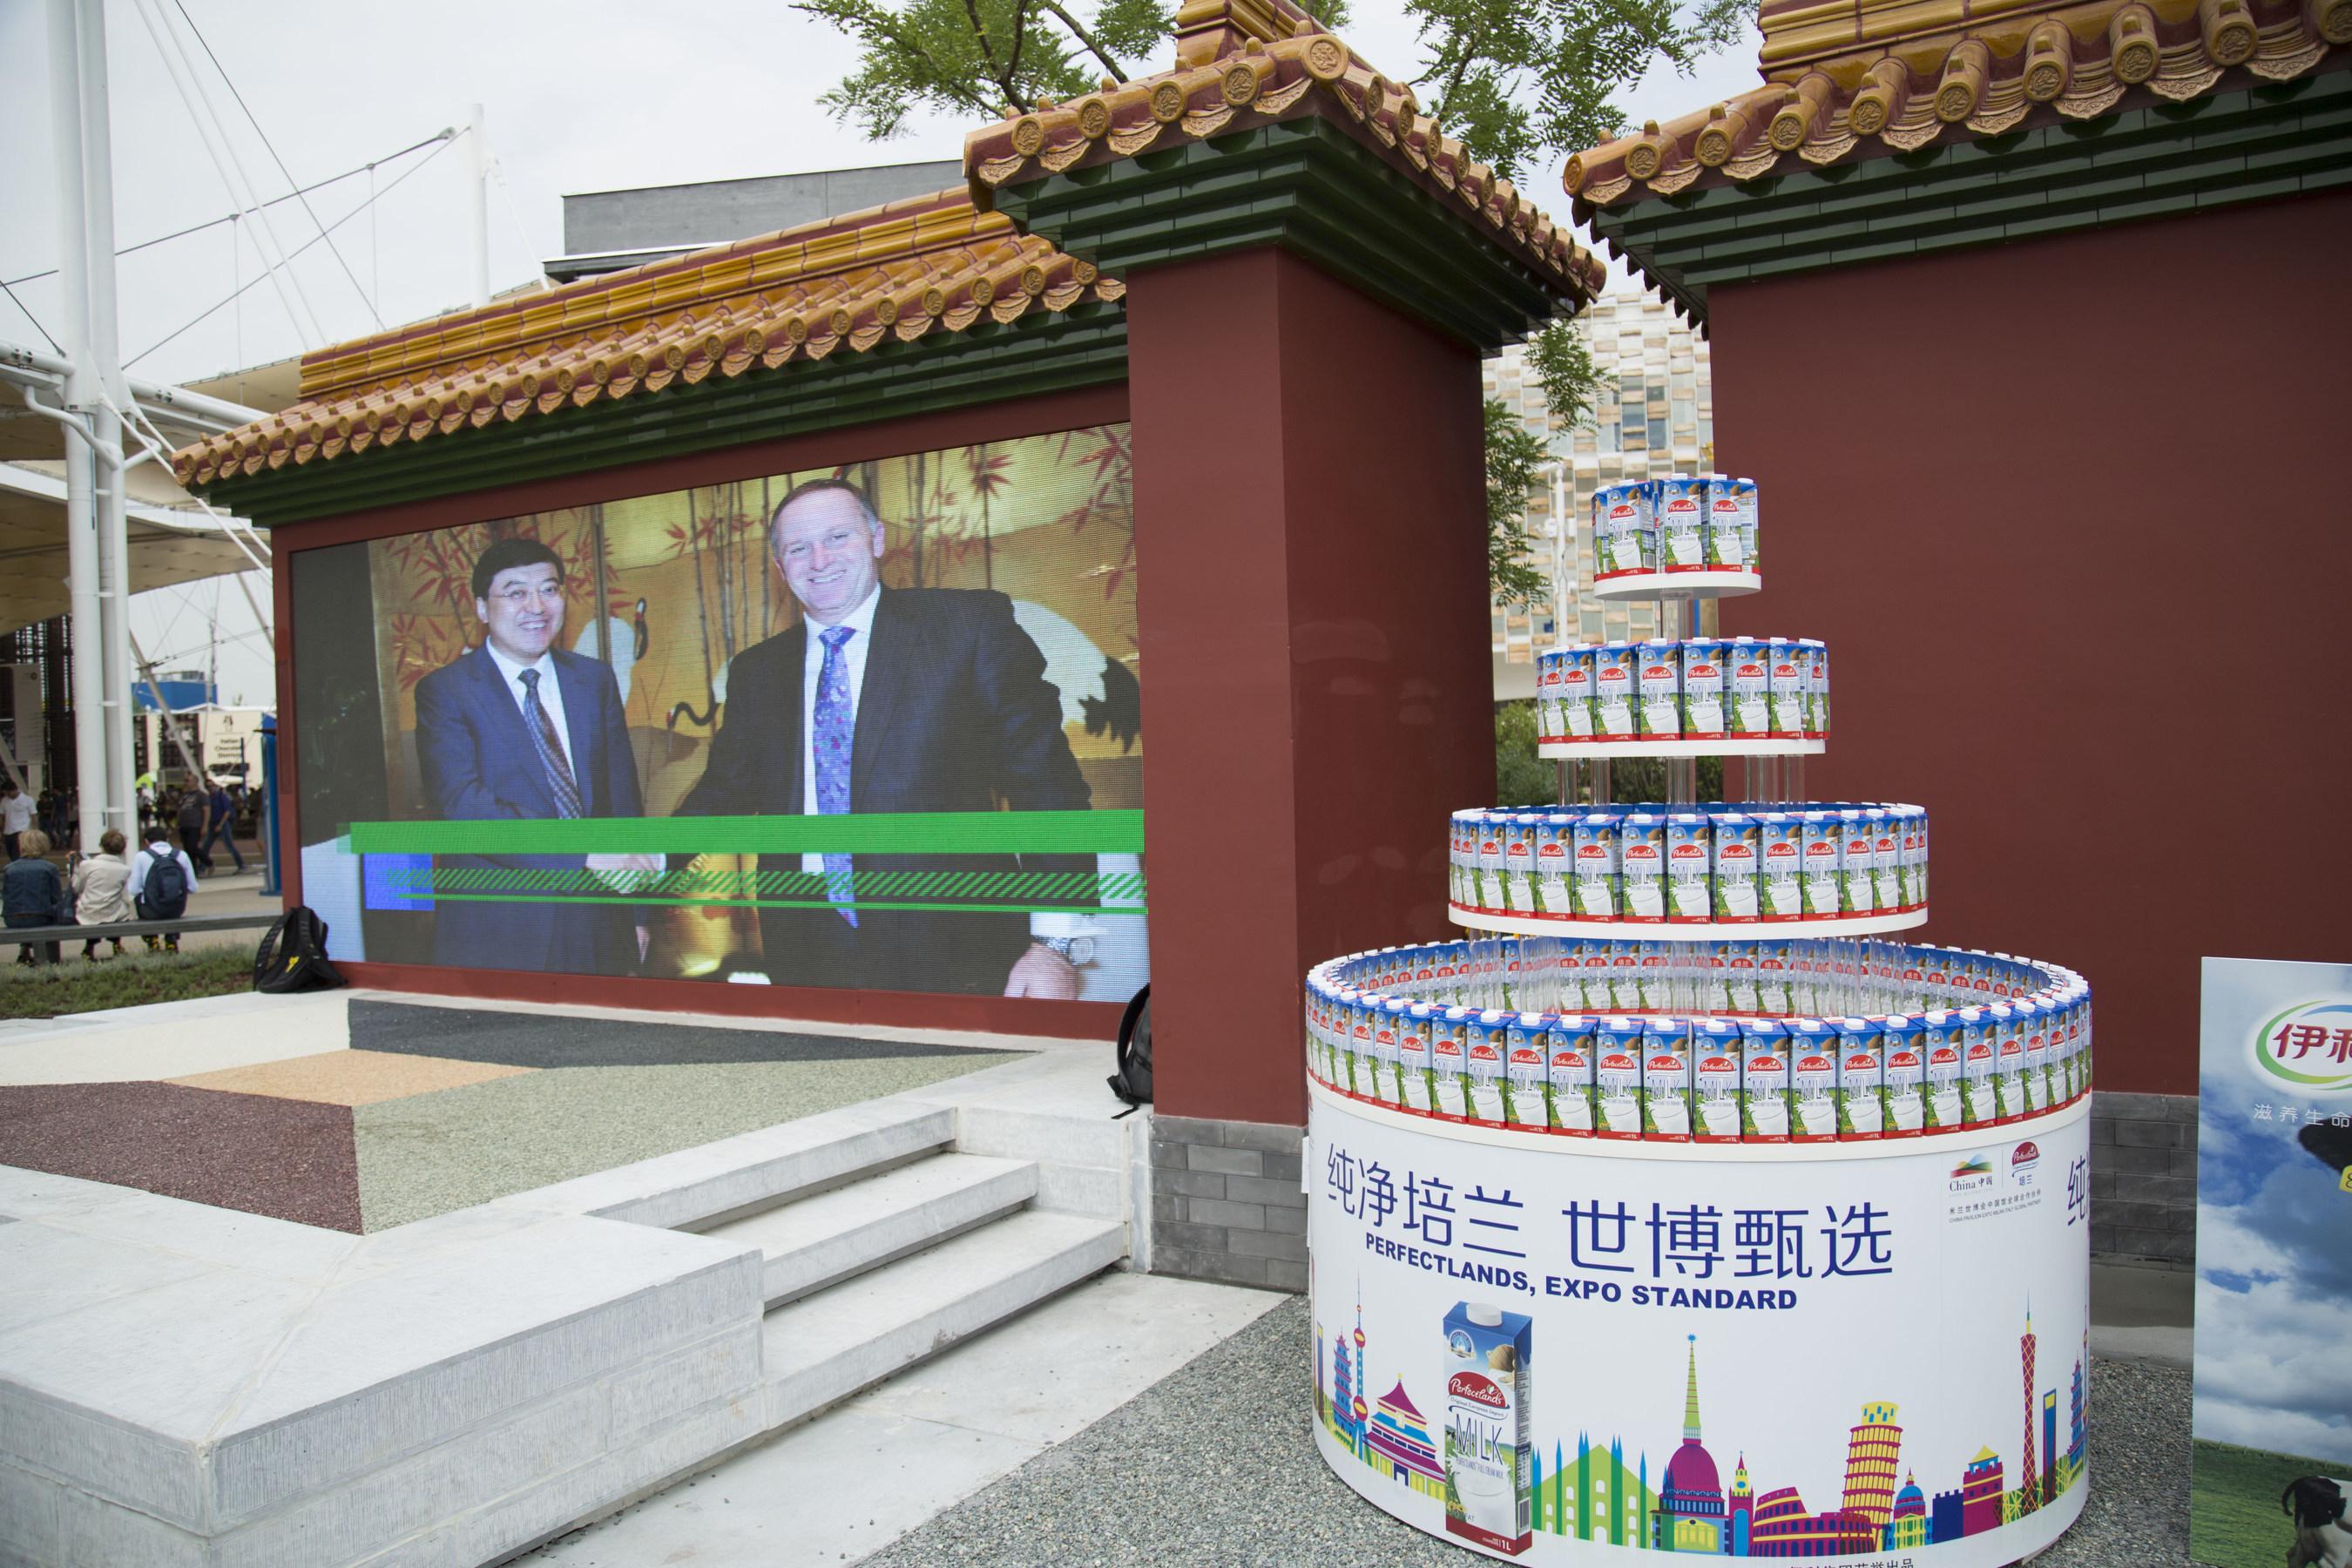 Yili nimmt am Chinatag auf der Mailänder Expo teil und zeigt innovative Stärke